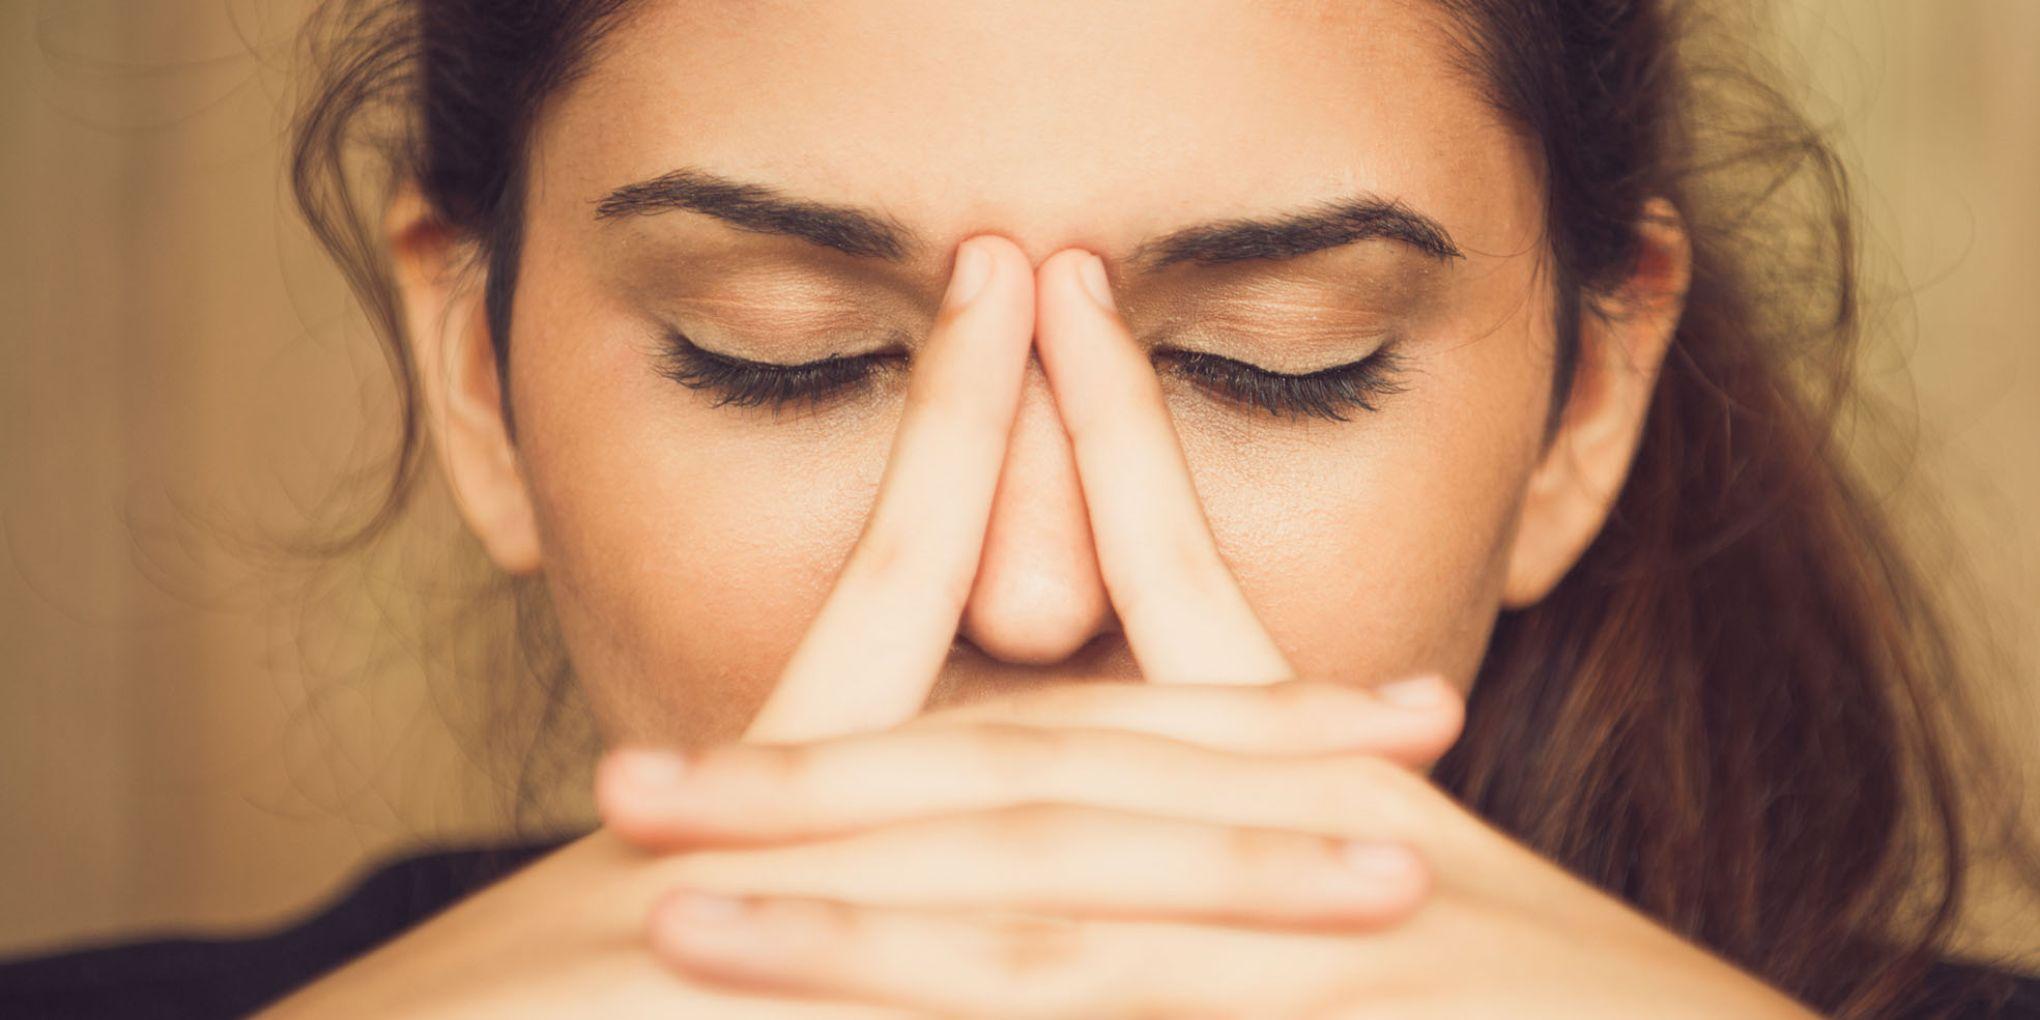 žensko šmrcanje